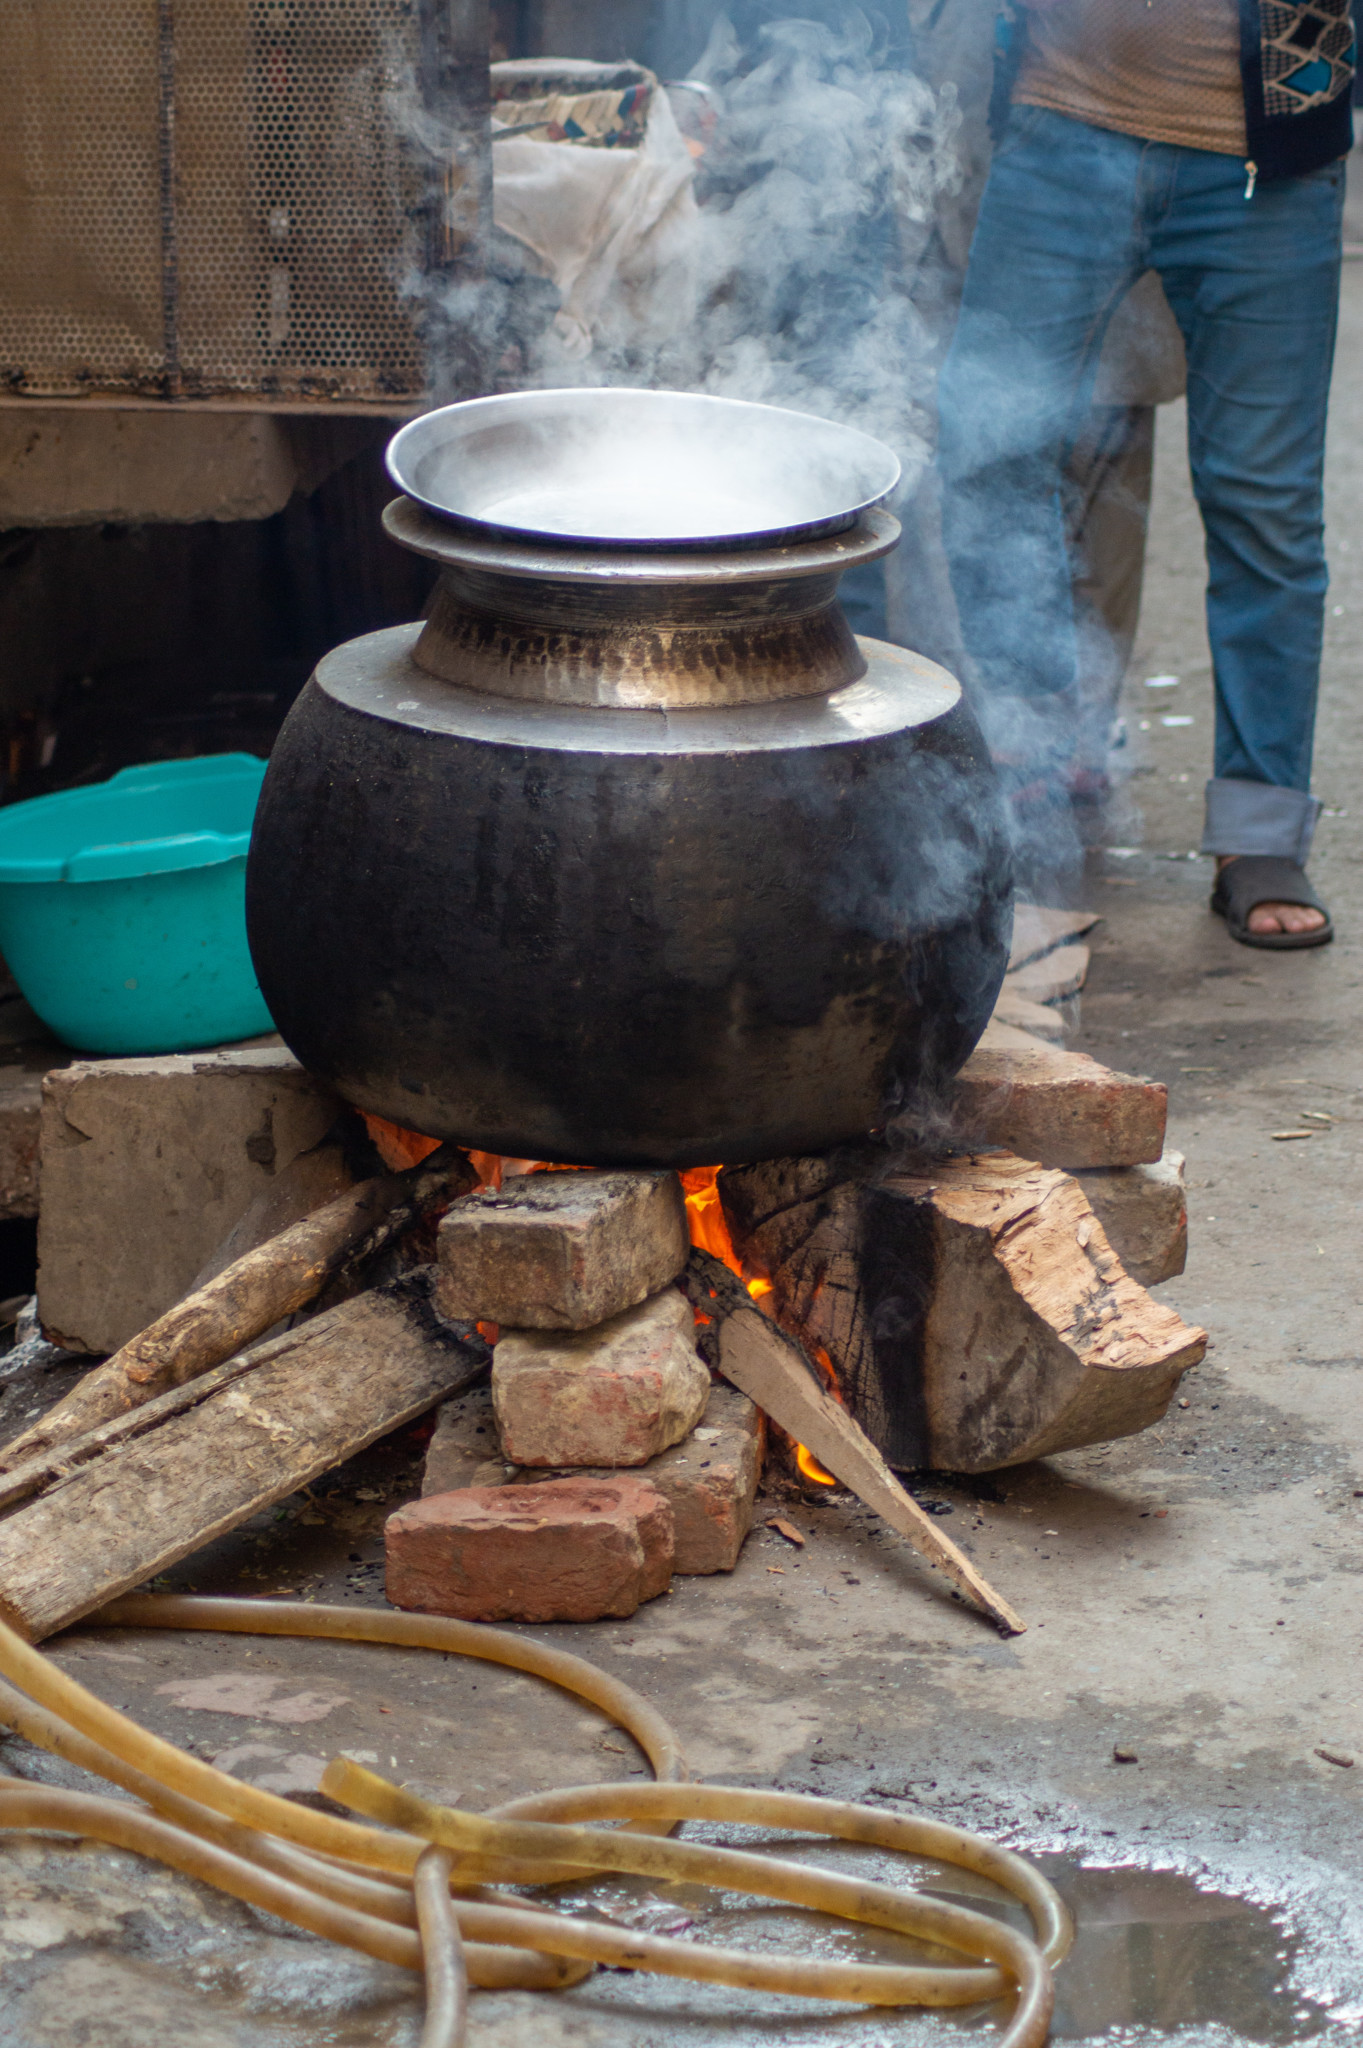 In den Töpfen brutzelt pakistanisches Essen vor sich hin